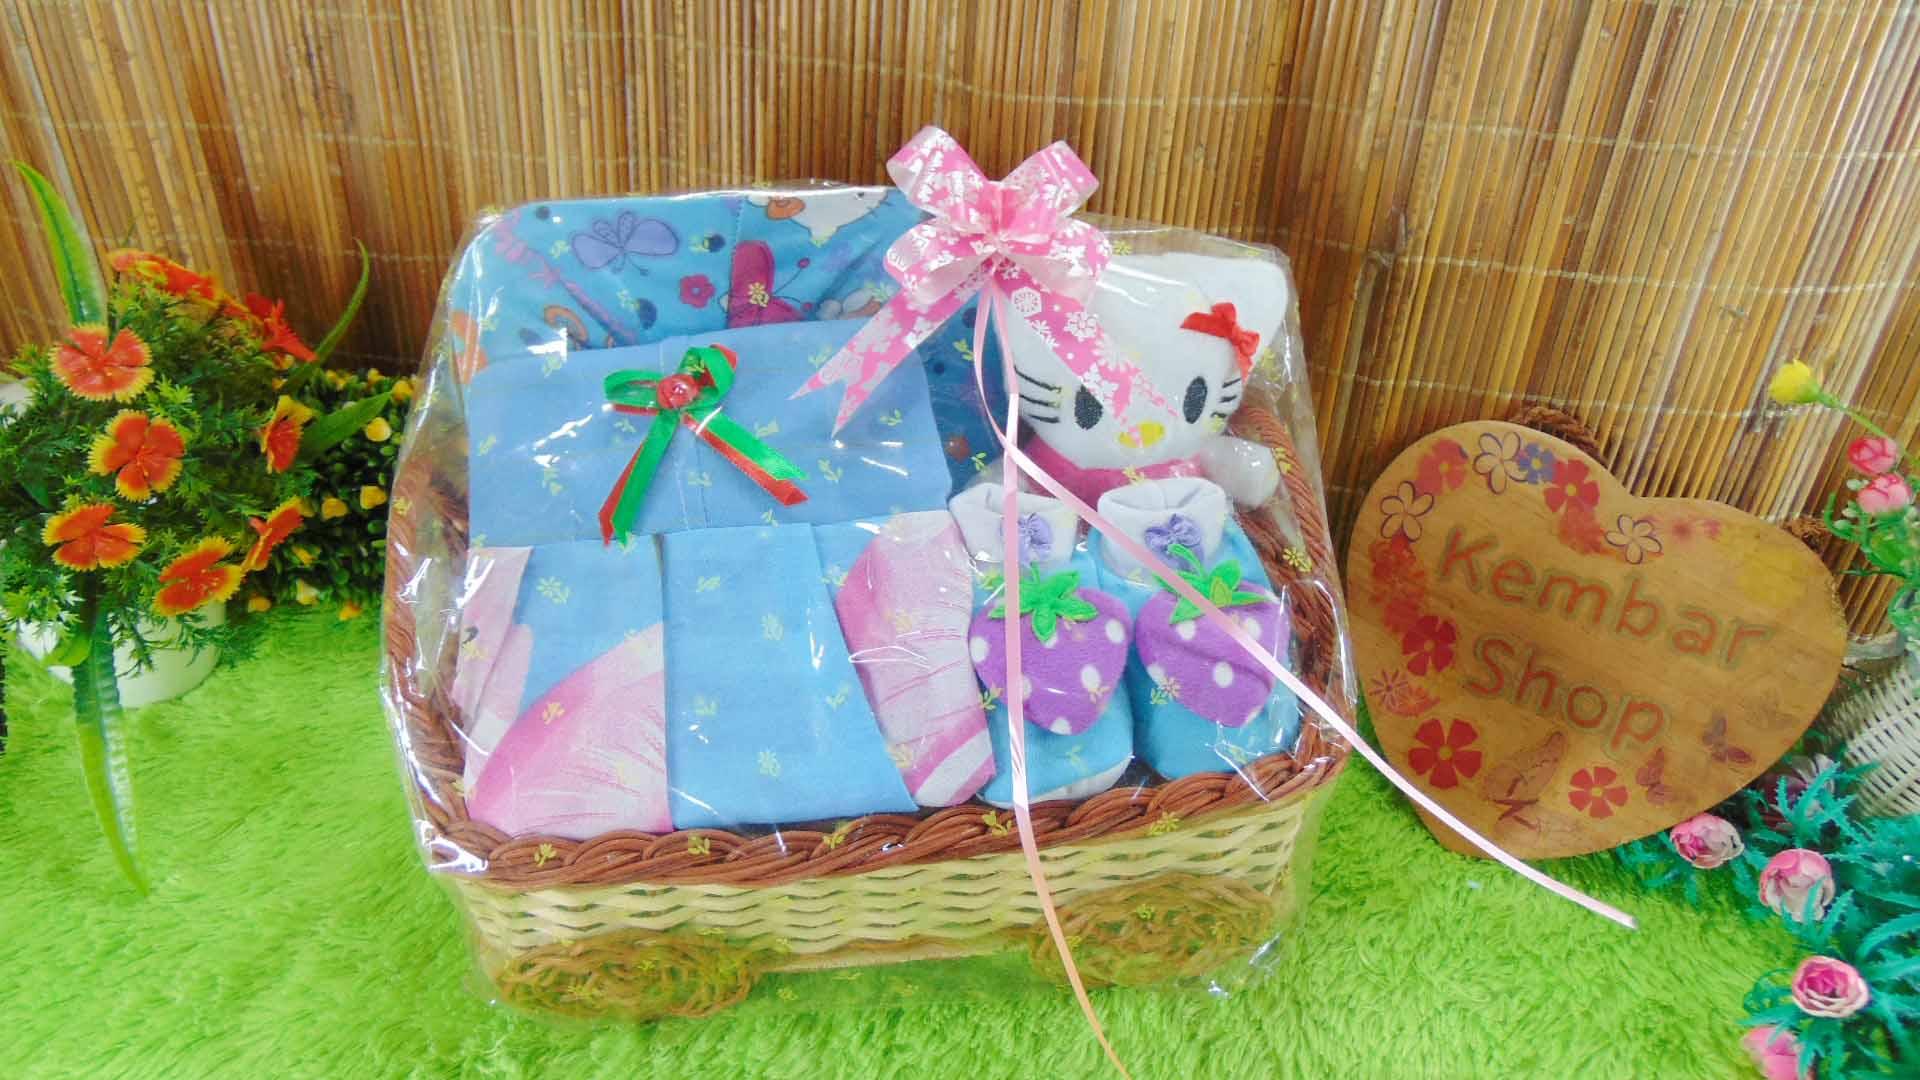 [SUPER CANTIK KOMPLIT] Hampers Baby Gift Parcel Parsel Bayi Kado Lahiran Kereta FREE UCAPAN (3)